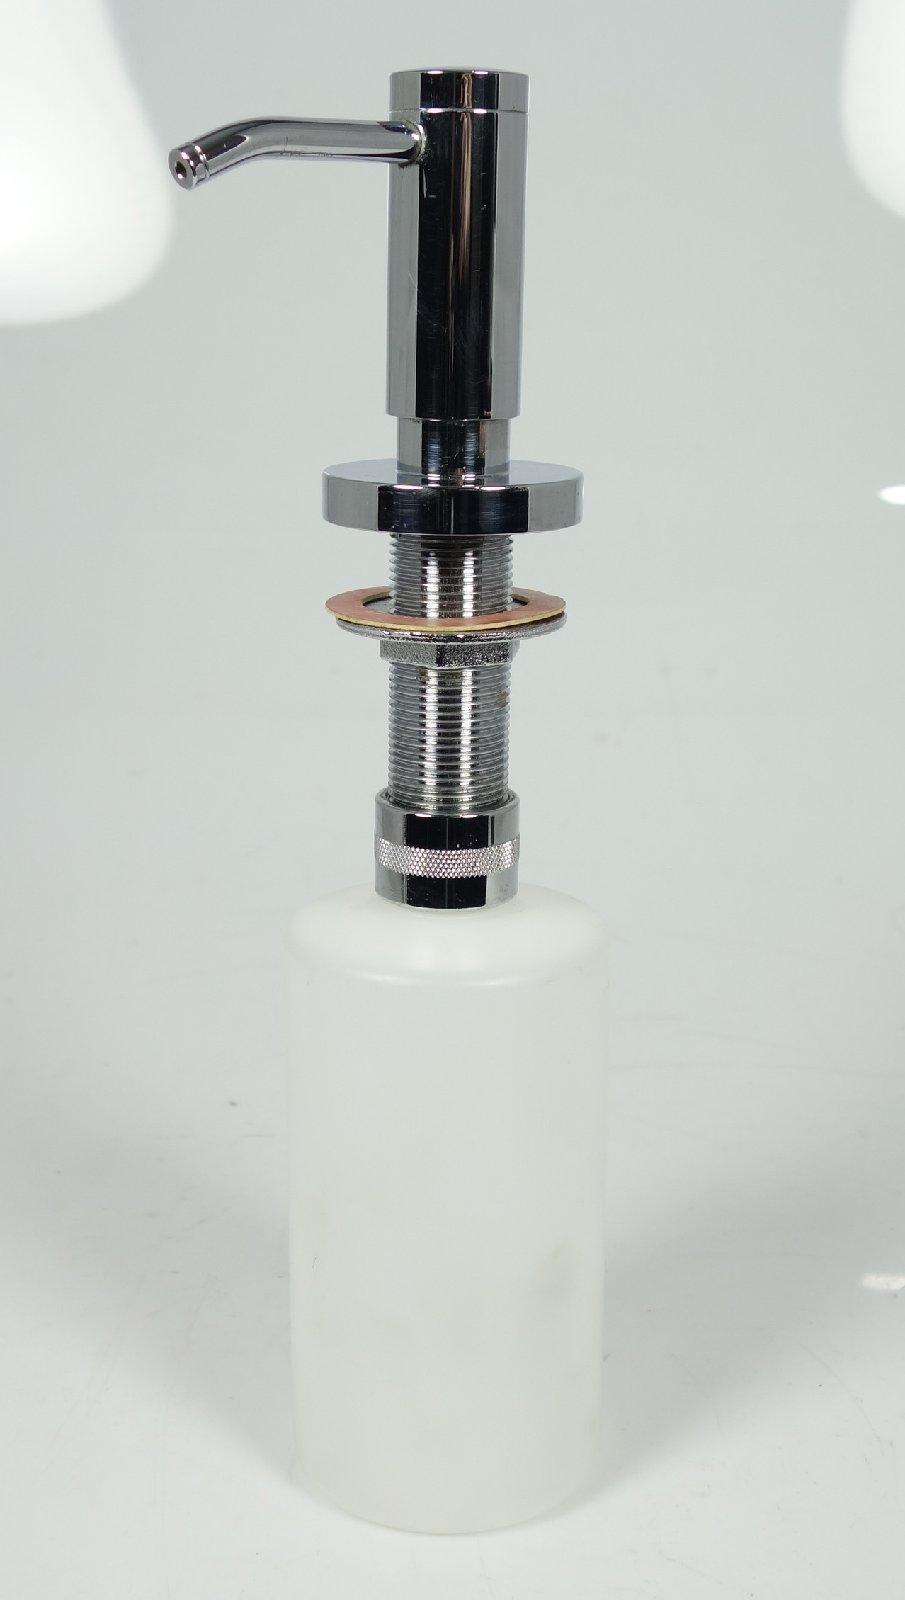 keuco seifenspender lotionspender f r einbau in waschtisch. Black Bedroom Furniture Sets. Home Design Ideas